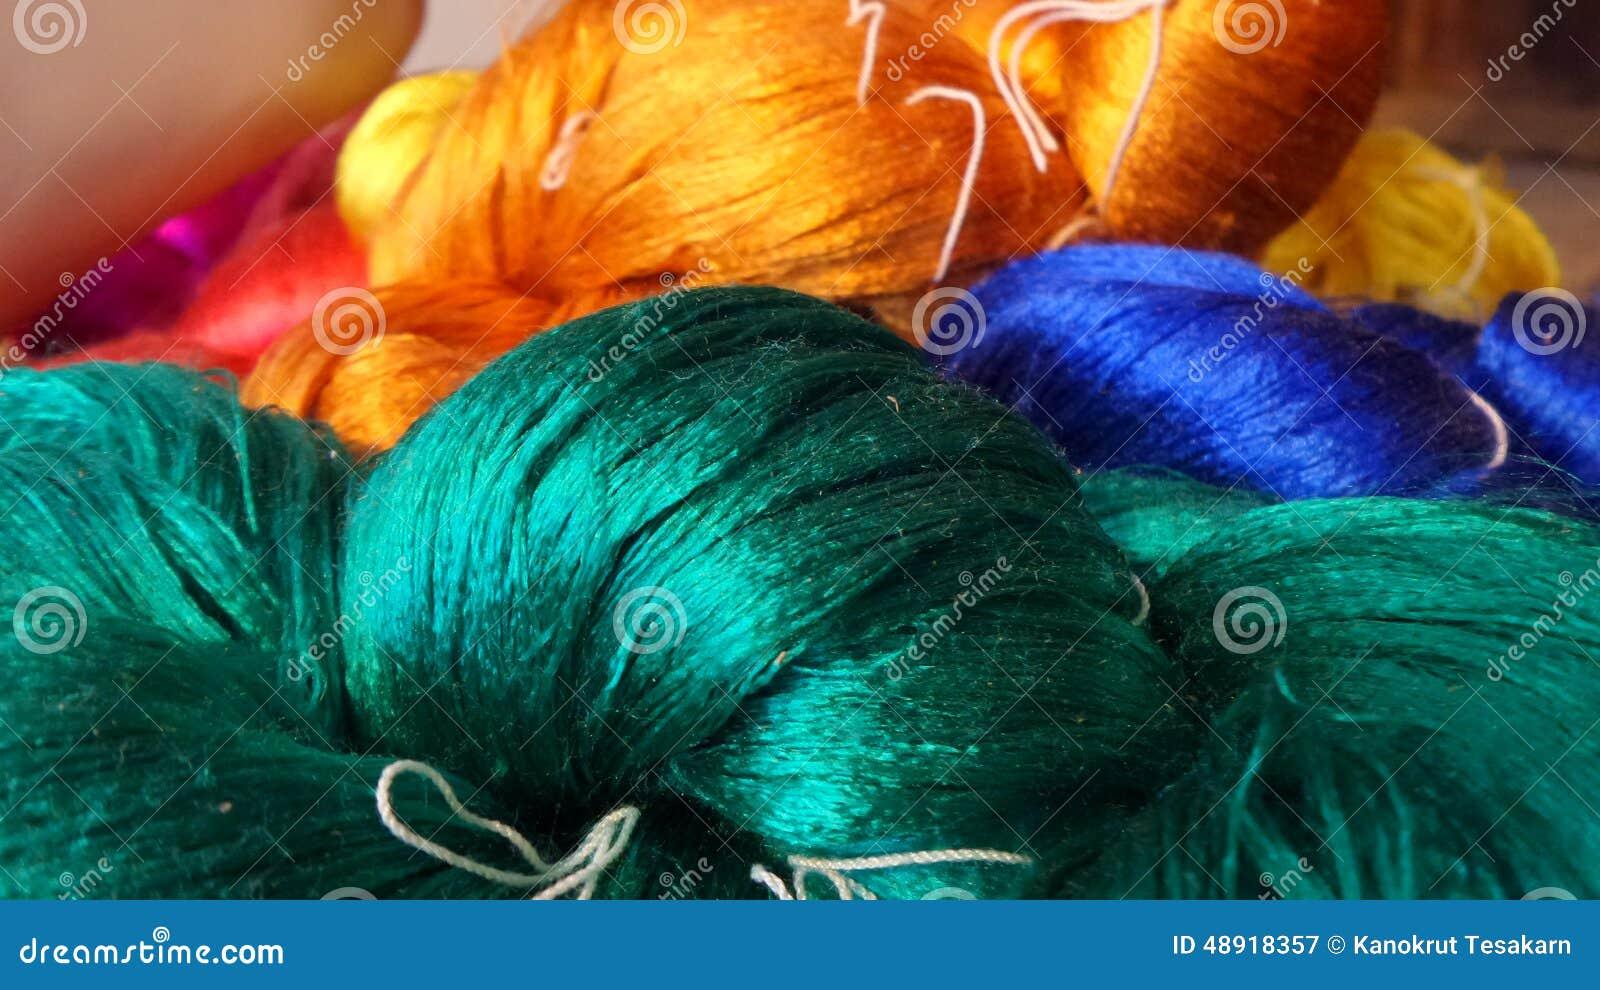 Thai silk thread